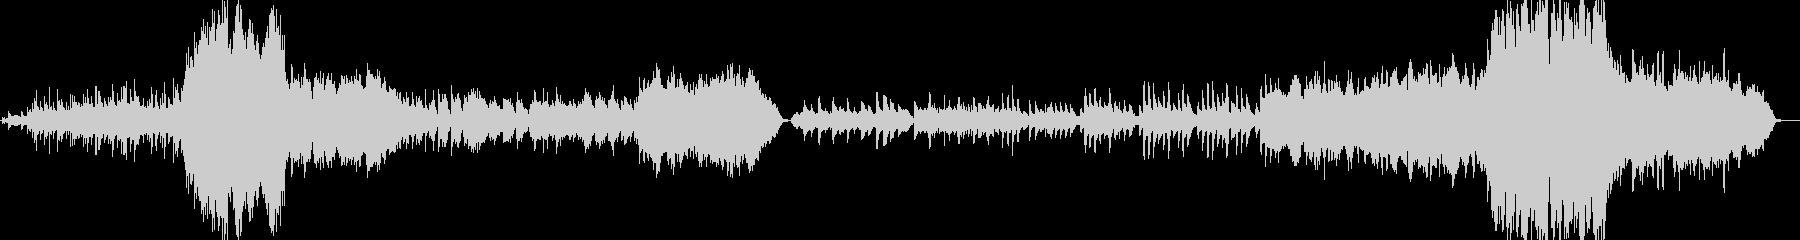 幻想的で壮大なクワイア付きオーケストラの未再生の波形